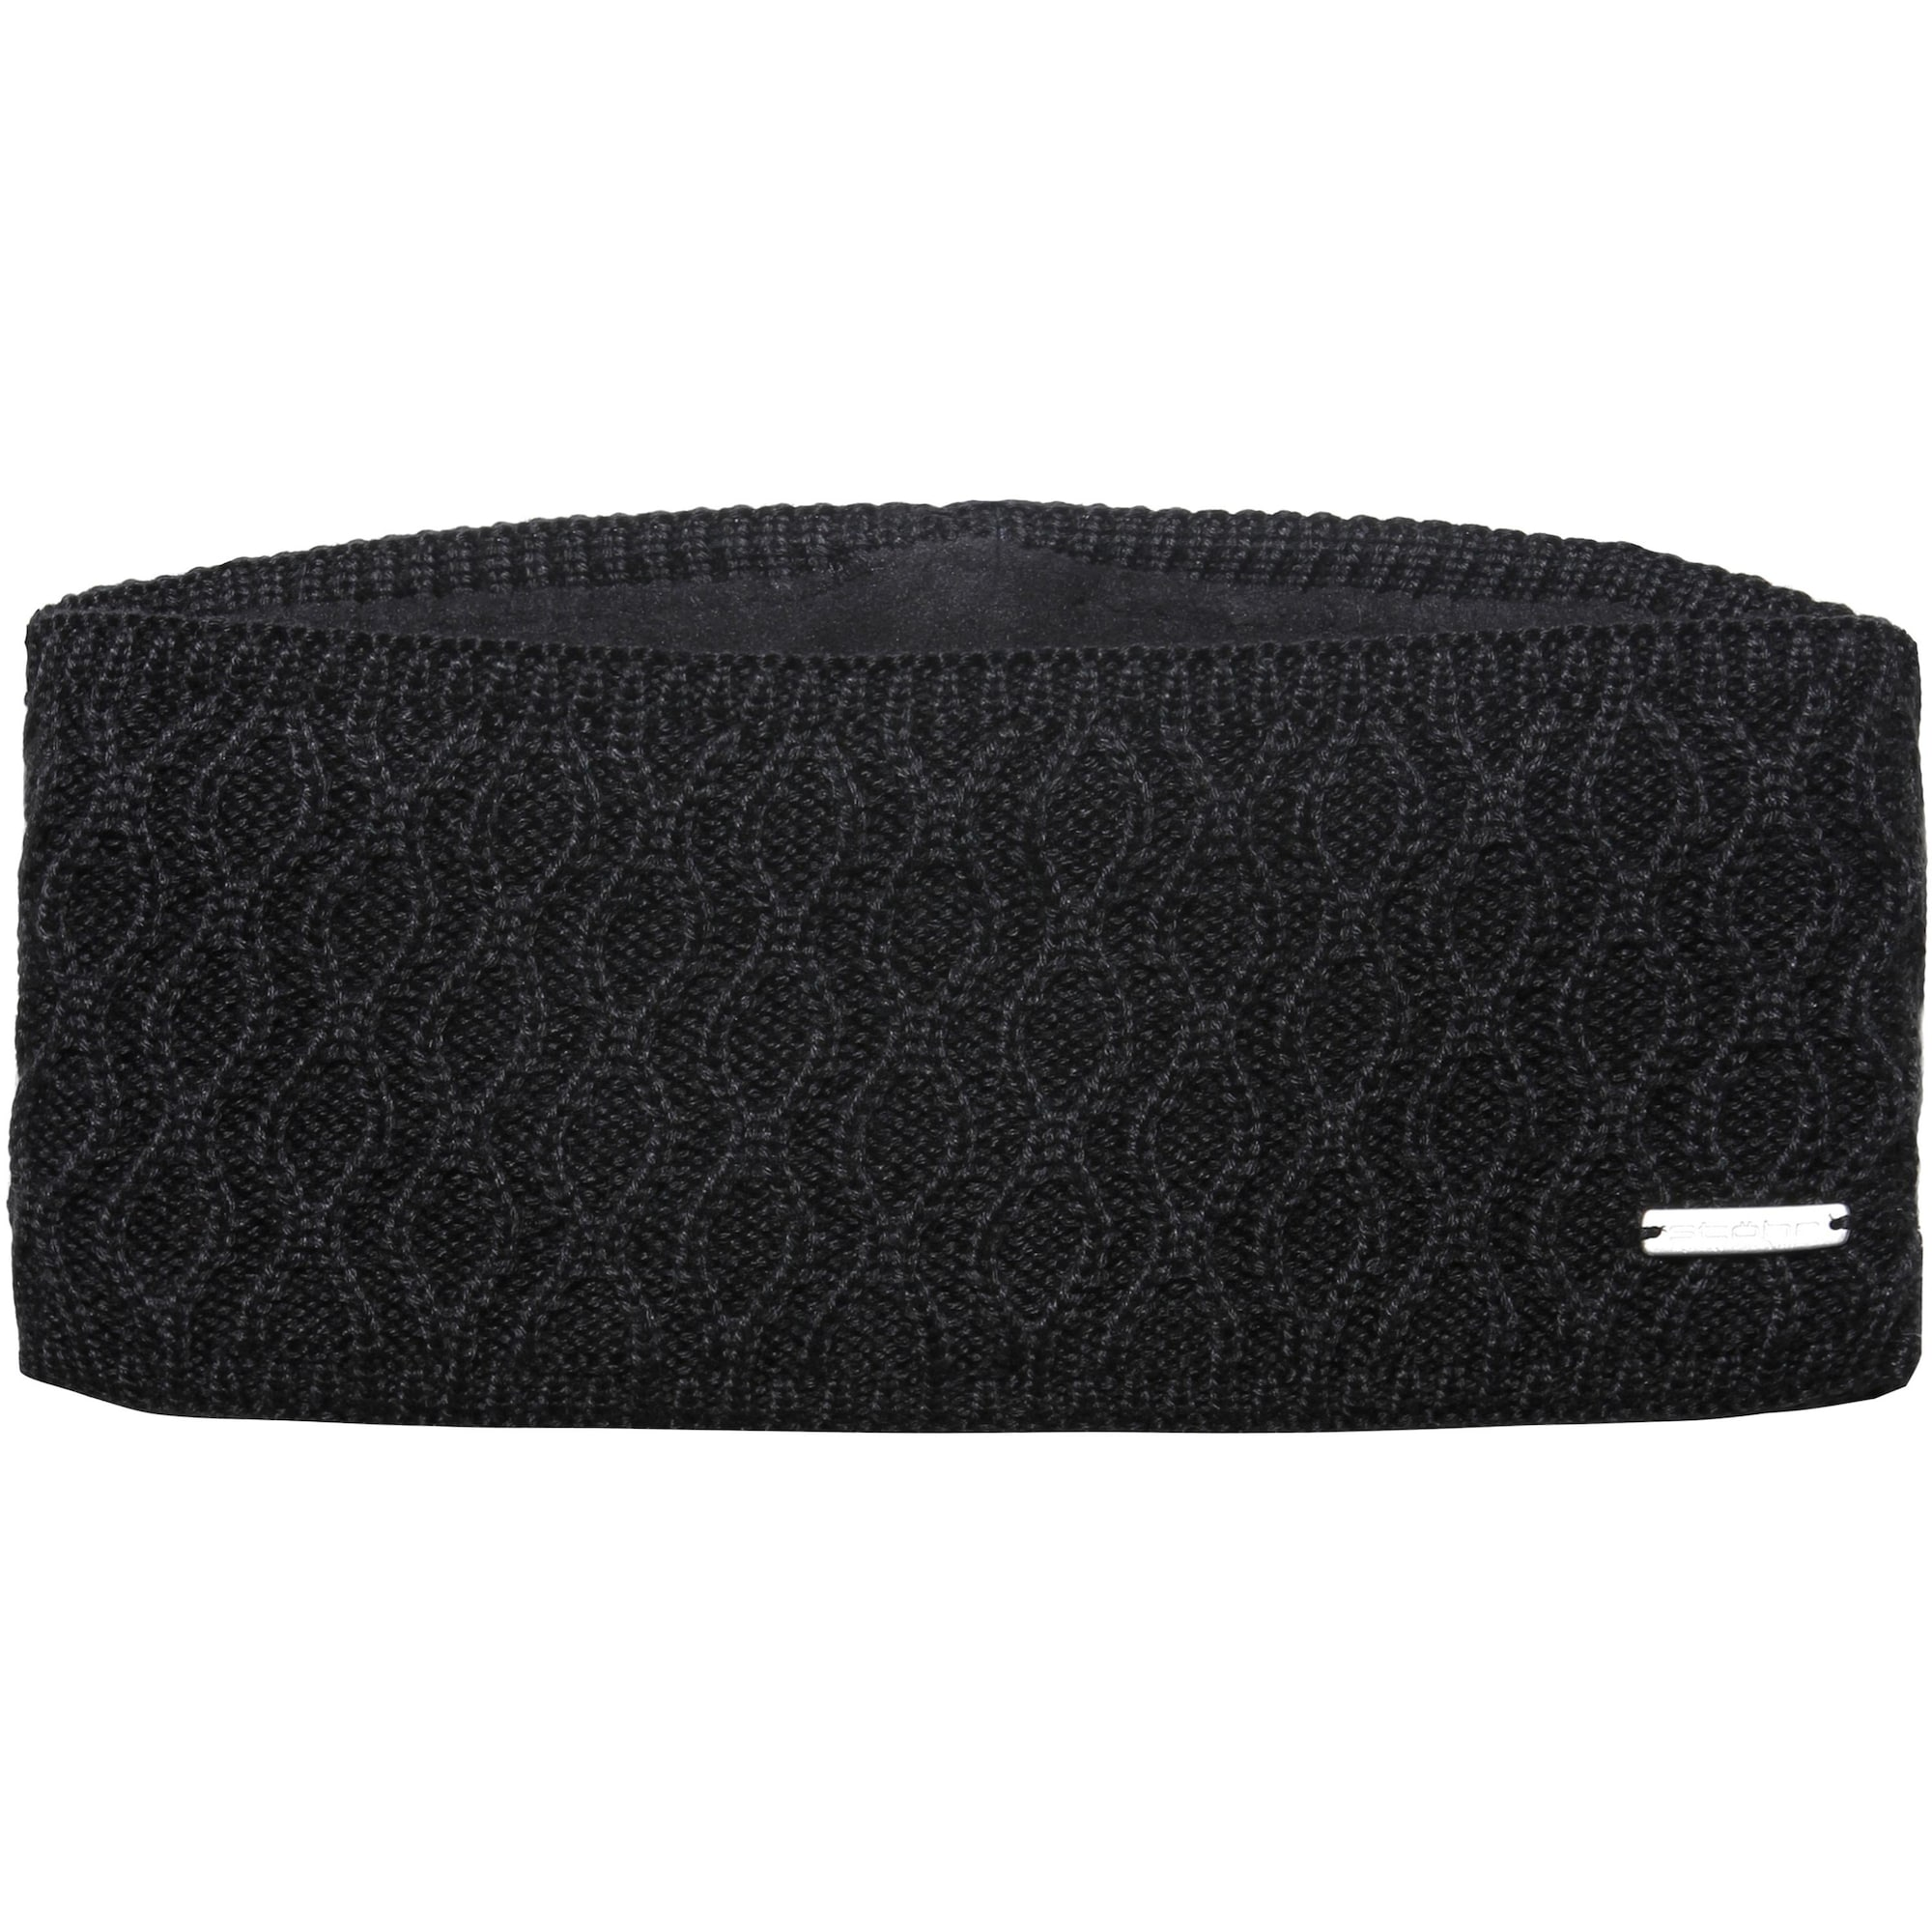 Stirnband 'Trina' | Accessoires > Mützen | STÖHR